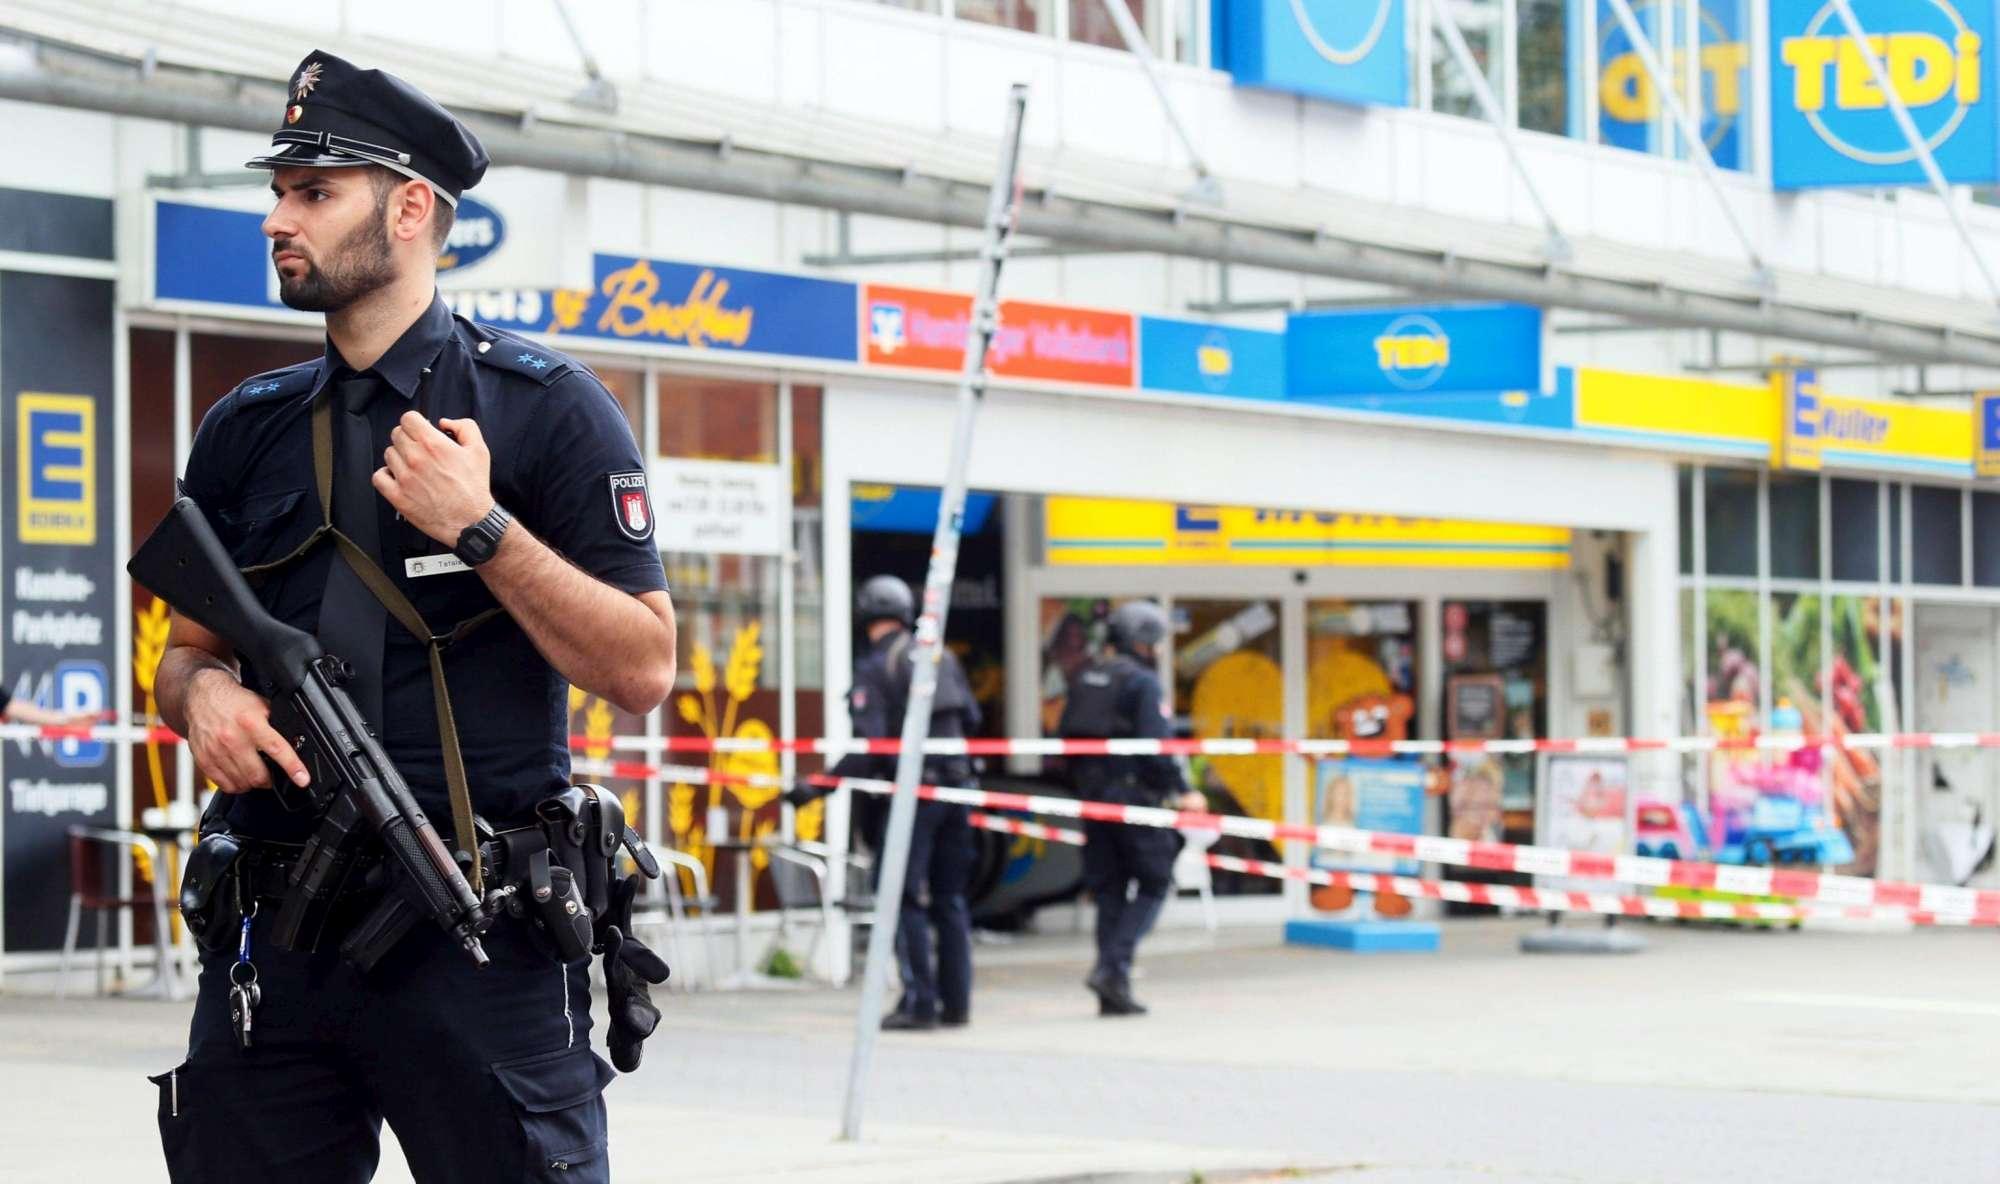 Amburgo, un uomo accoltella i clienti in un market: un morto